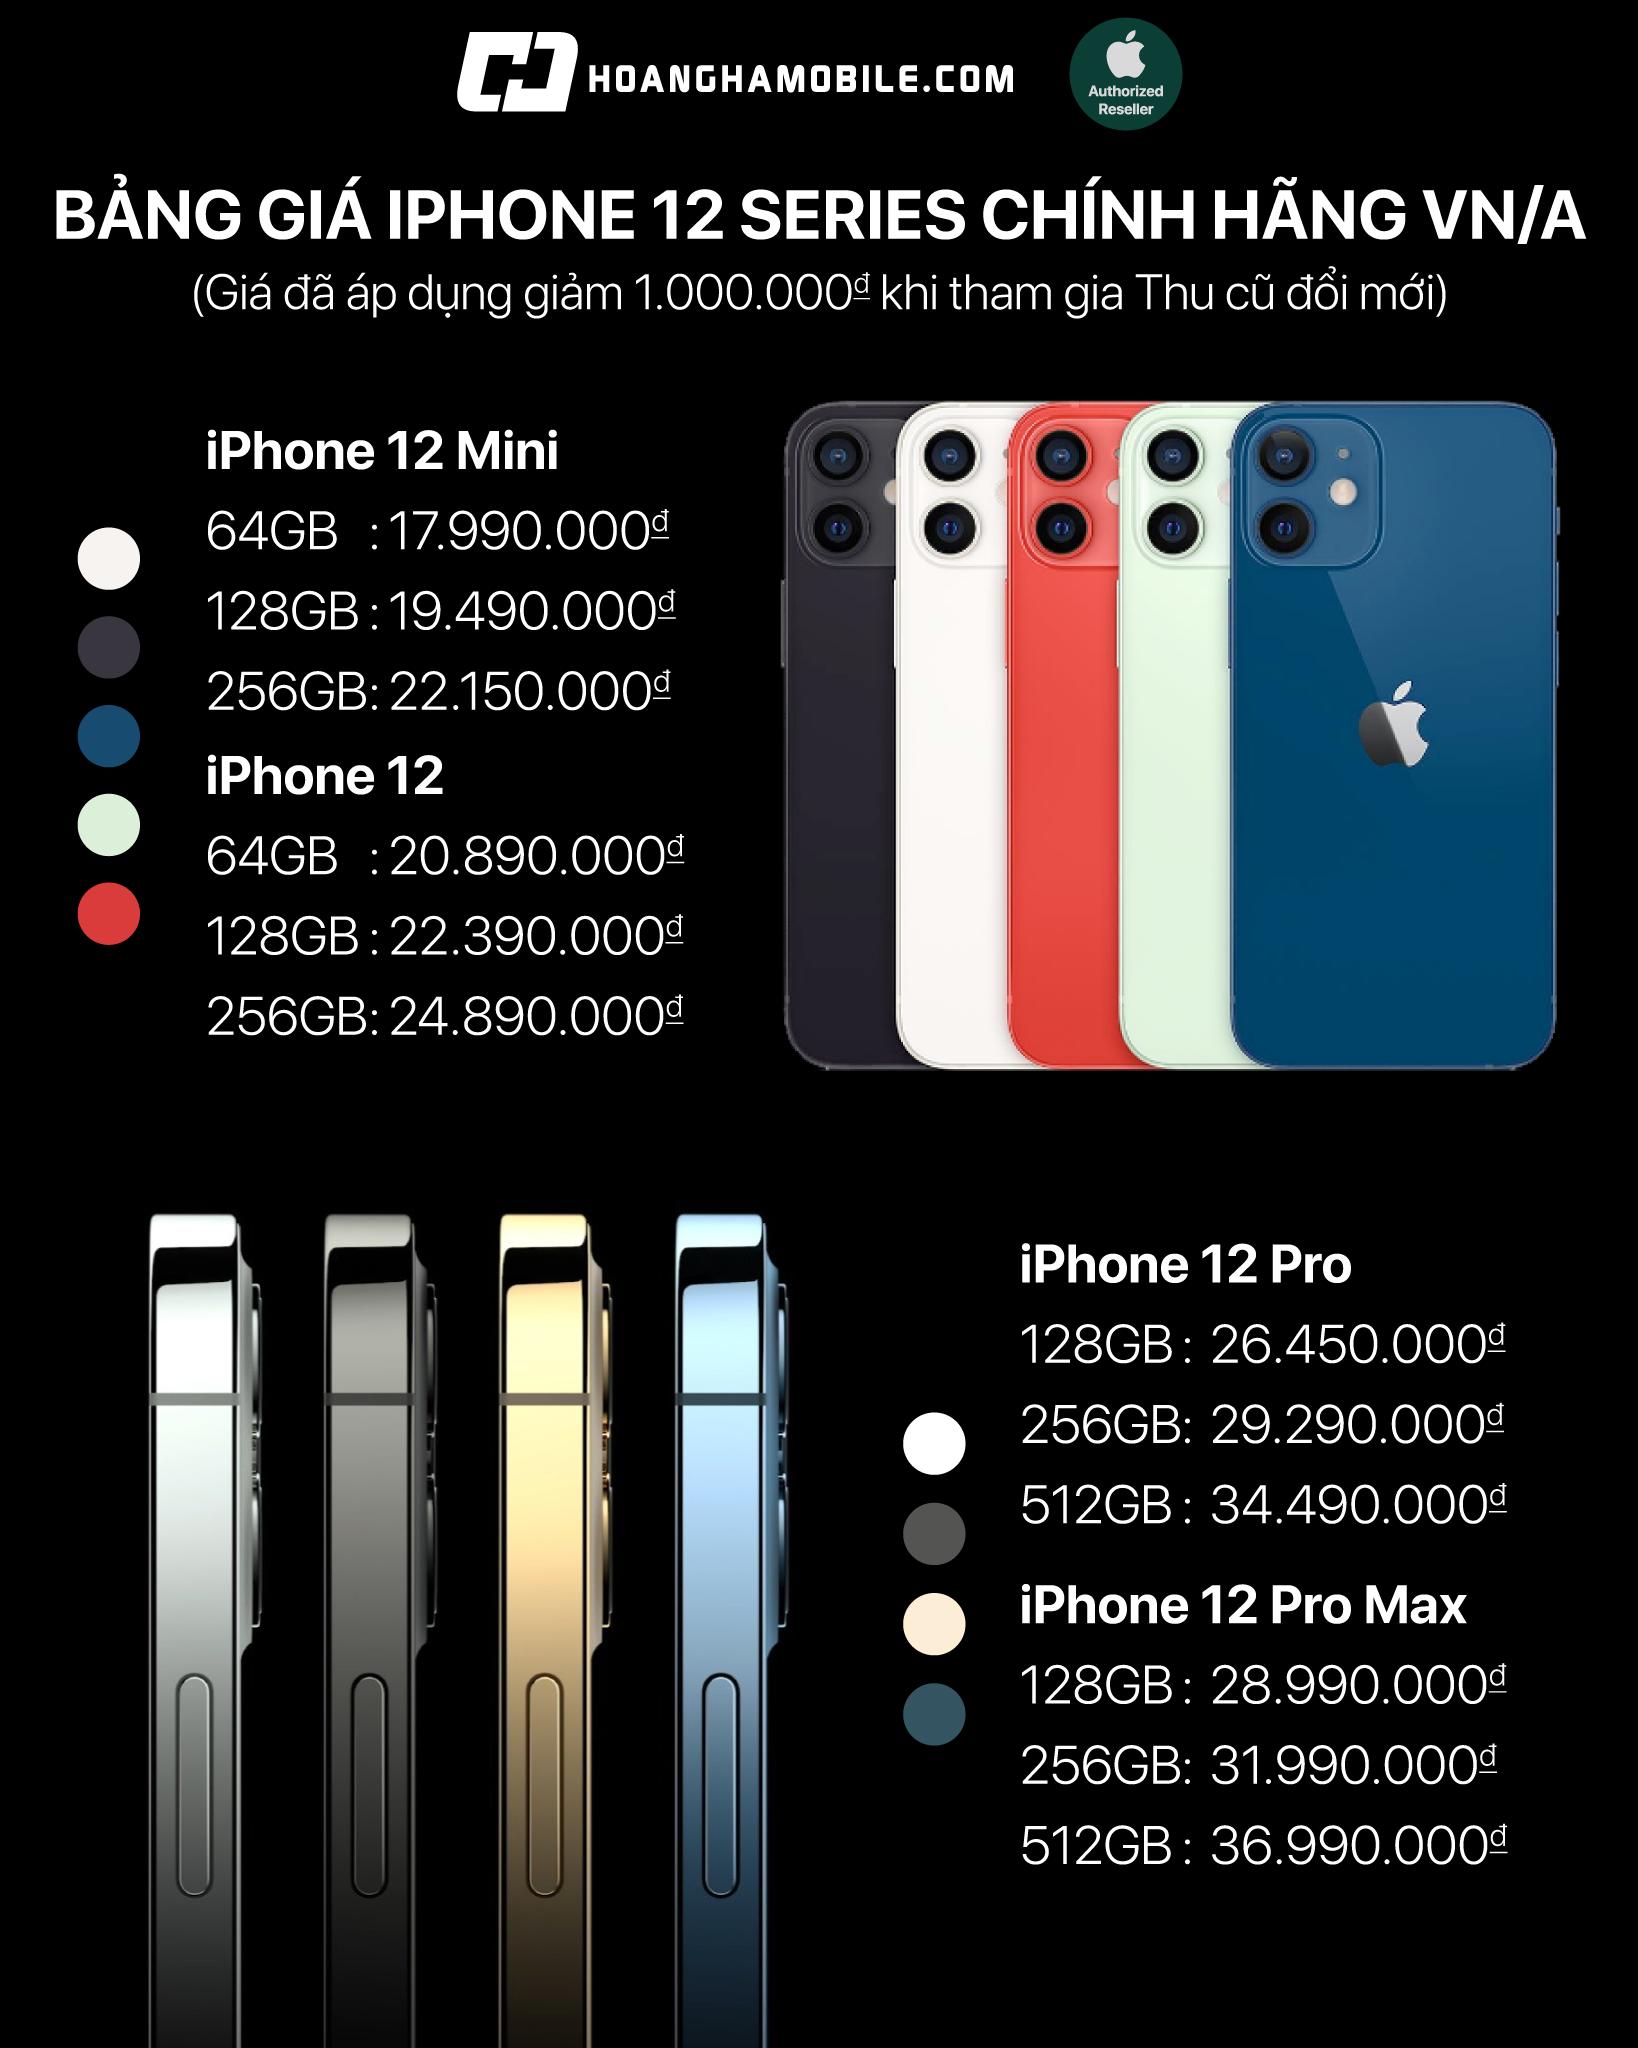 báo-giá-iphone-final.jpg